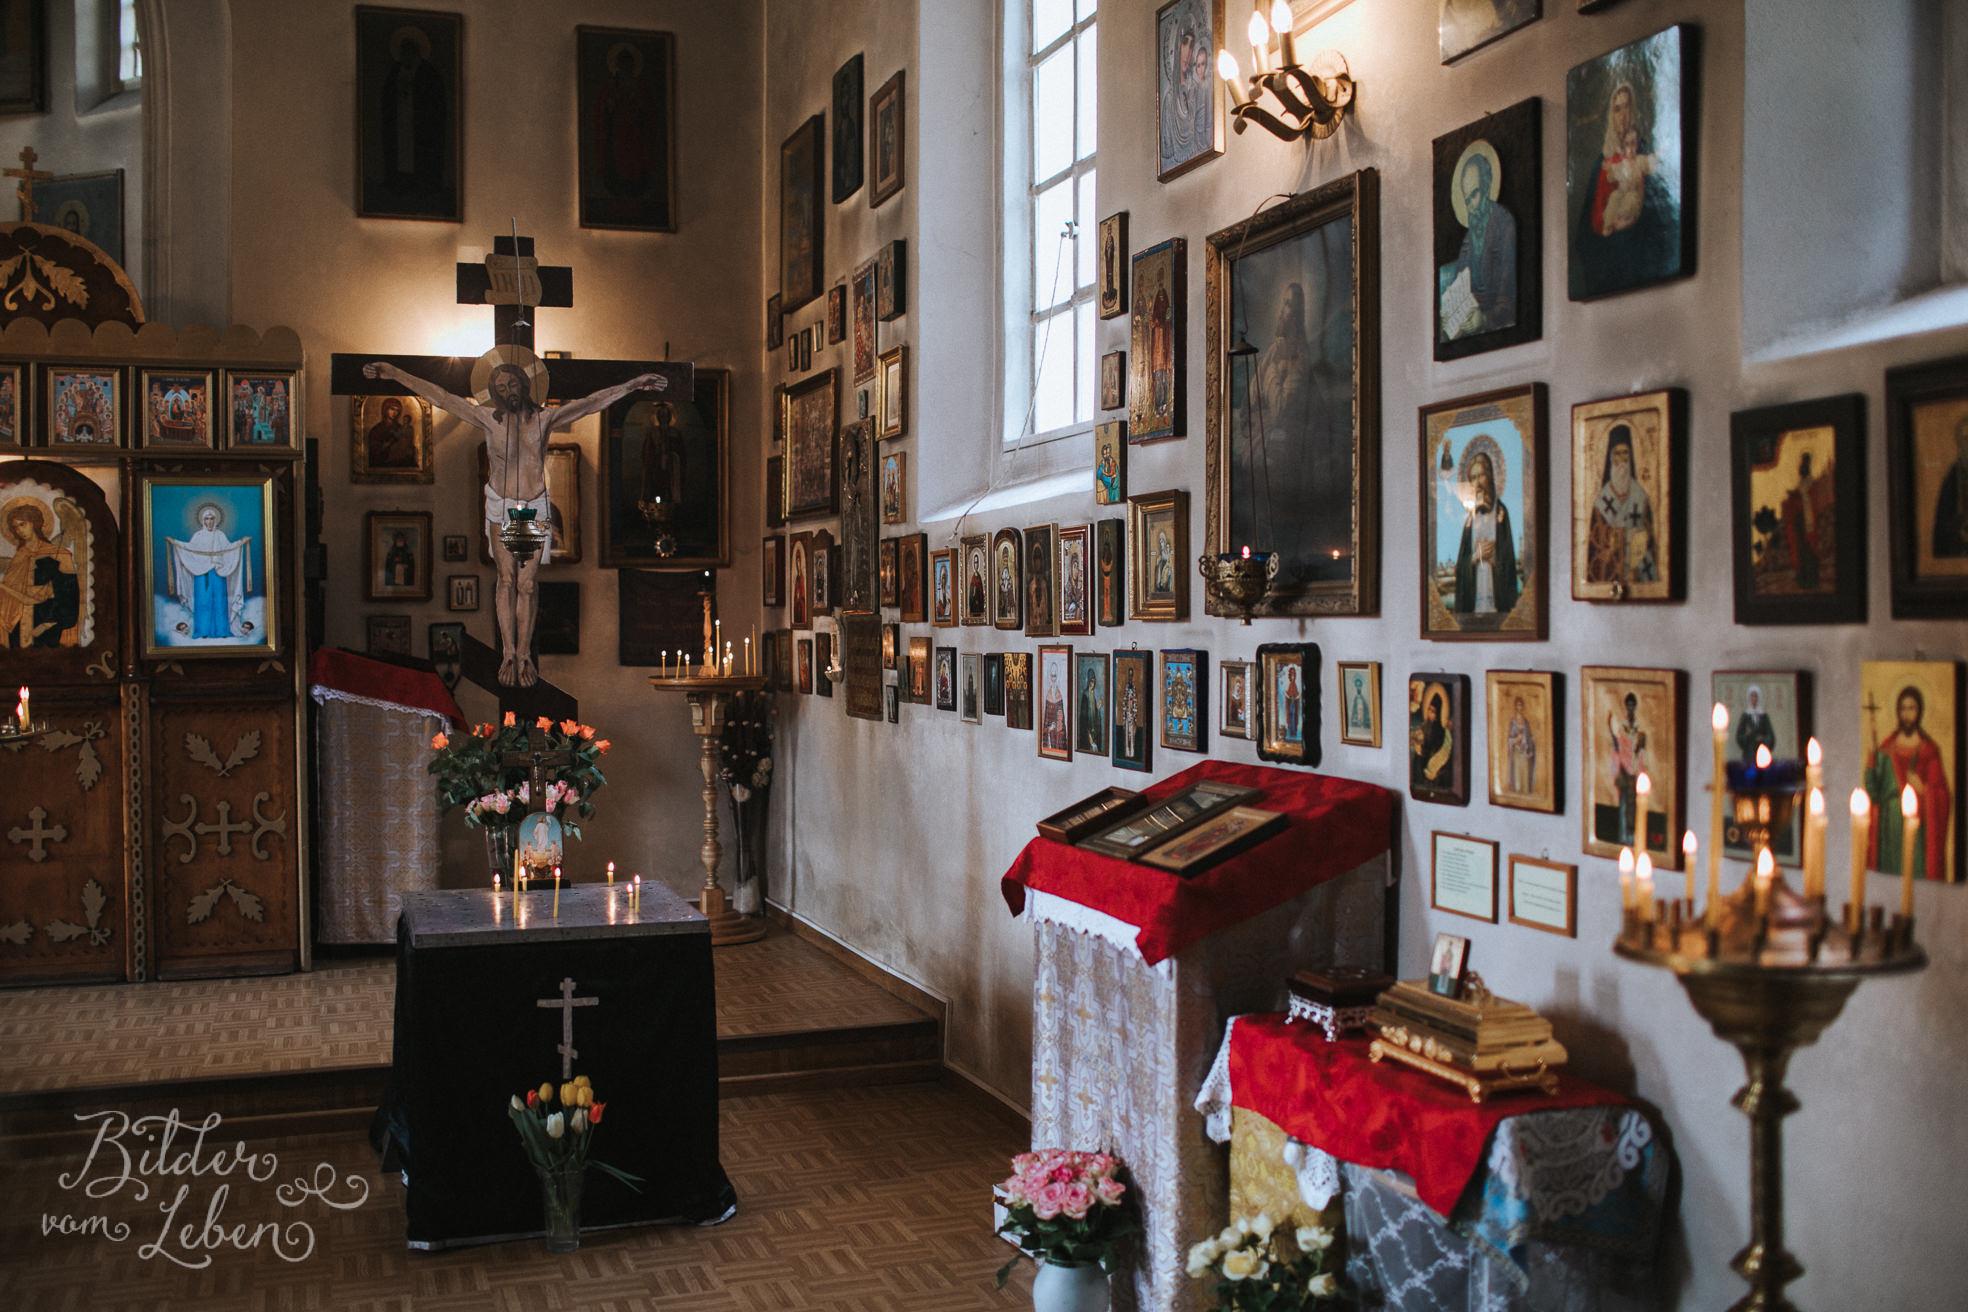 23-Russisch-orthodoxe-taufe-regensburg-mila-IM3C4859